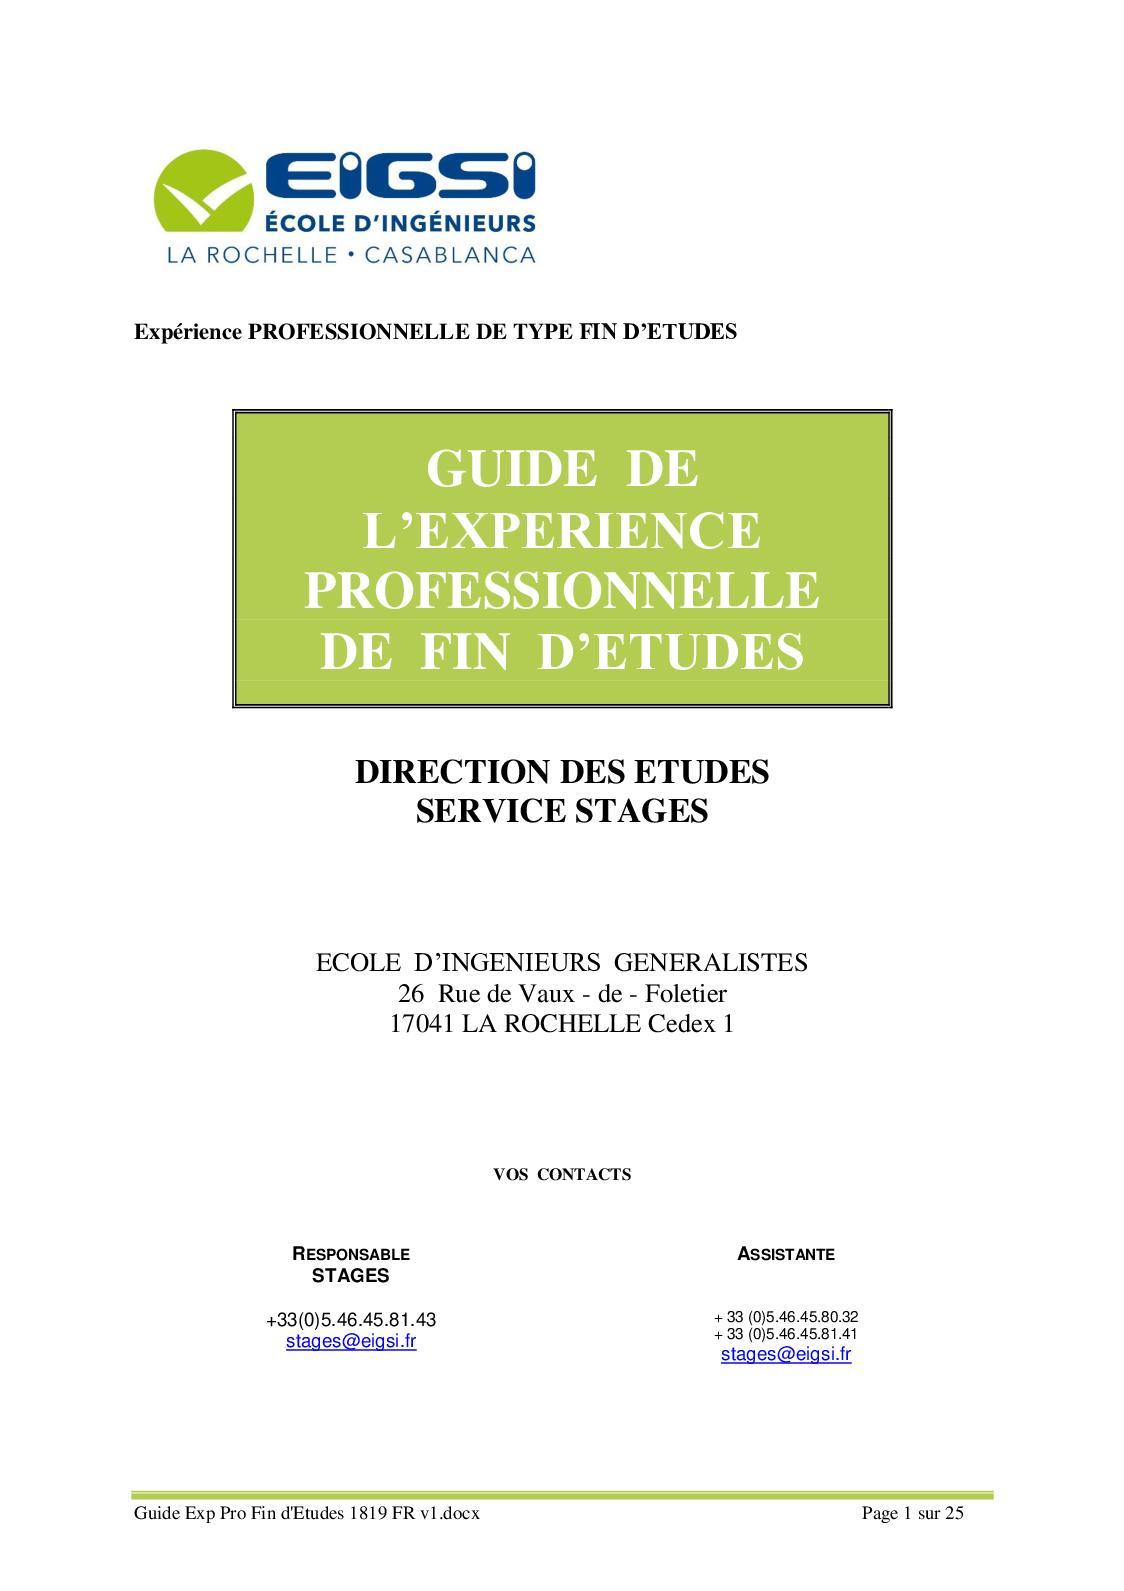 Guide Exp Pro Fin D'etudes 1819 Fr V1